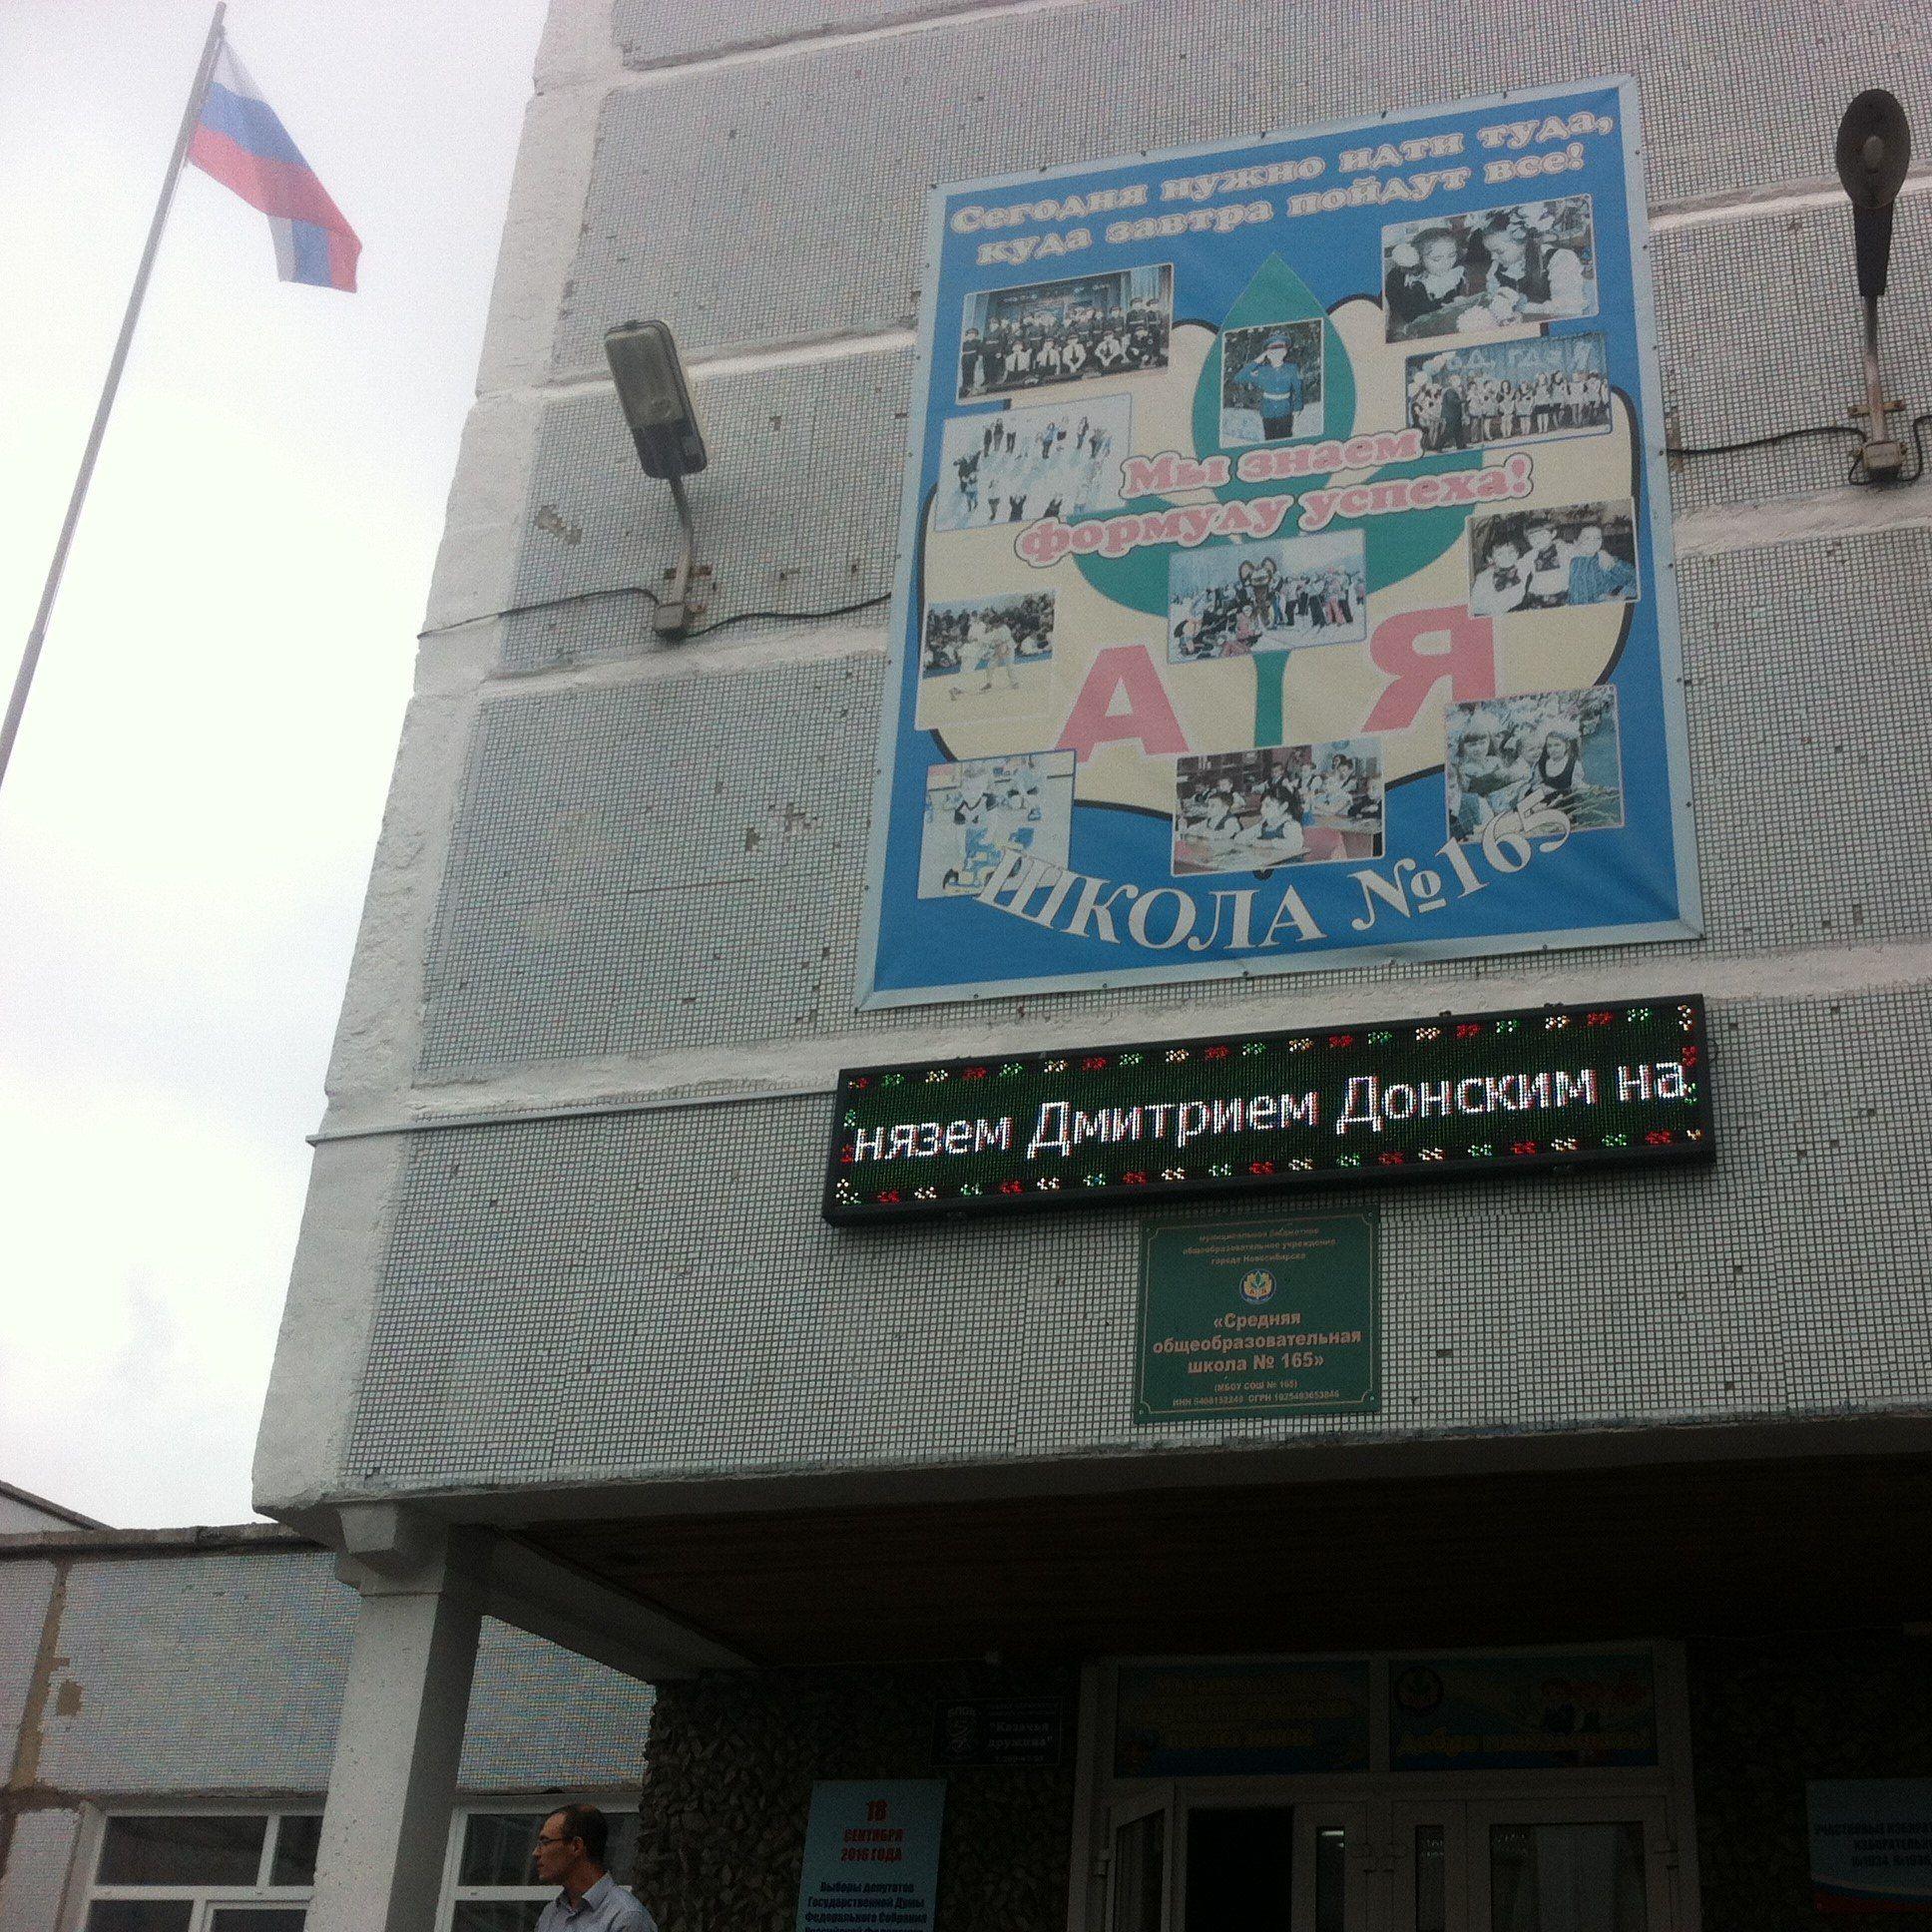 Один мой день в котором школьные уроки, полуфинал КВН и много селфи, Новосибирск, фото 25